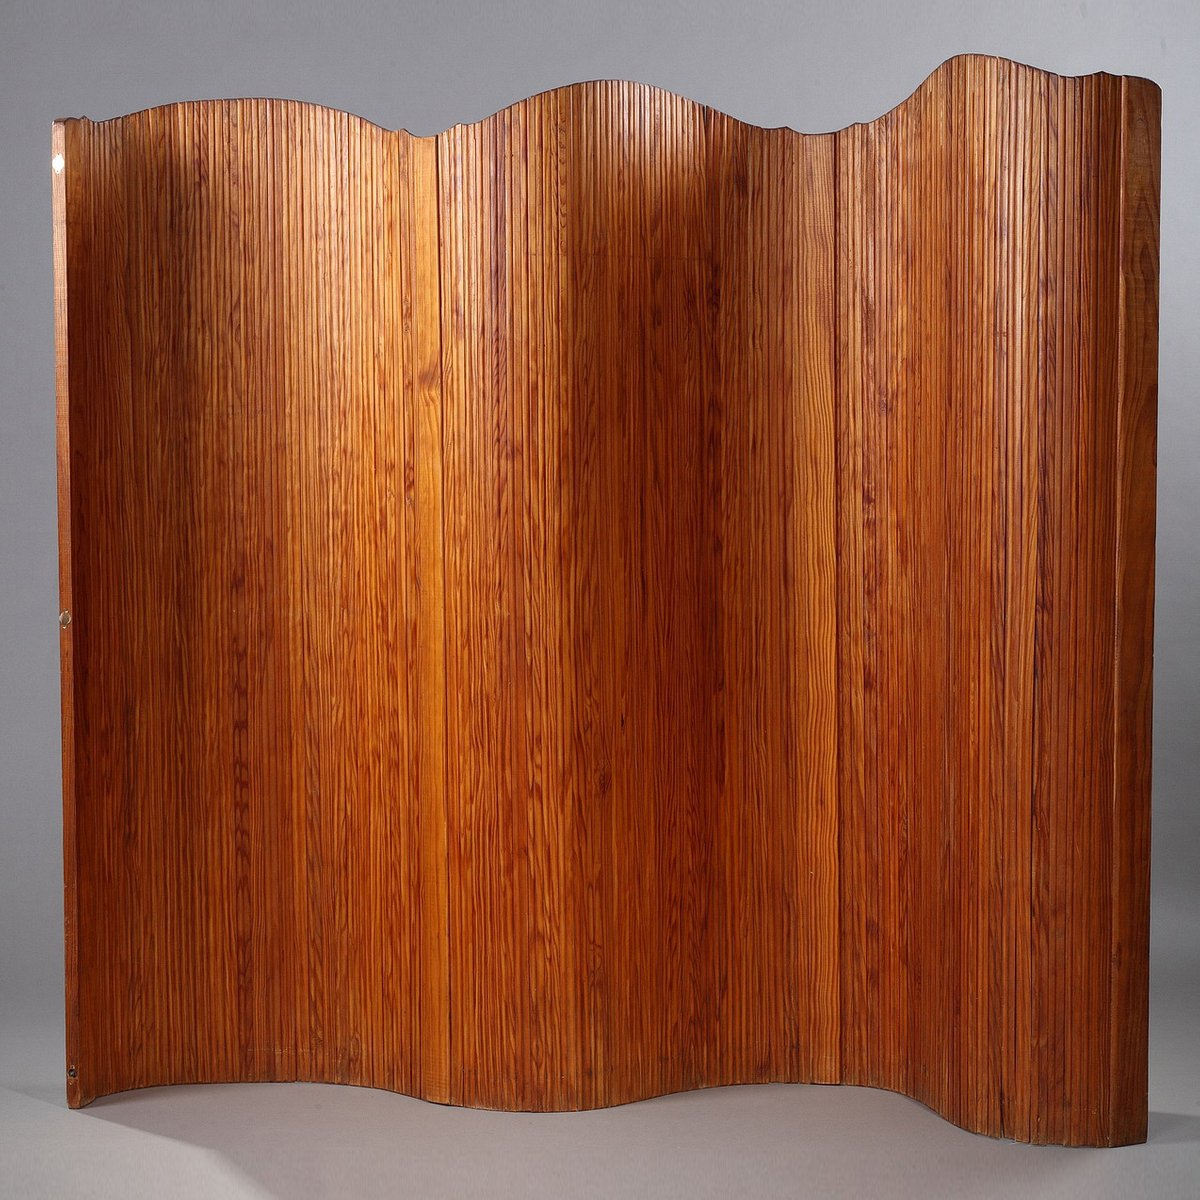 Paravento in legno curvo di Baumann, anni \'50 in vendita su Pamono